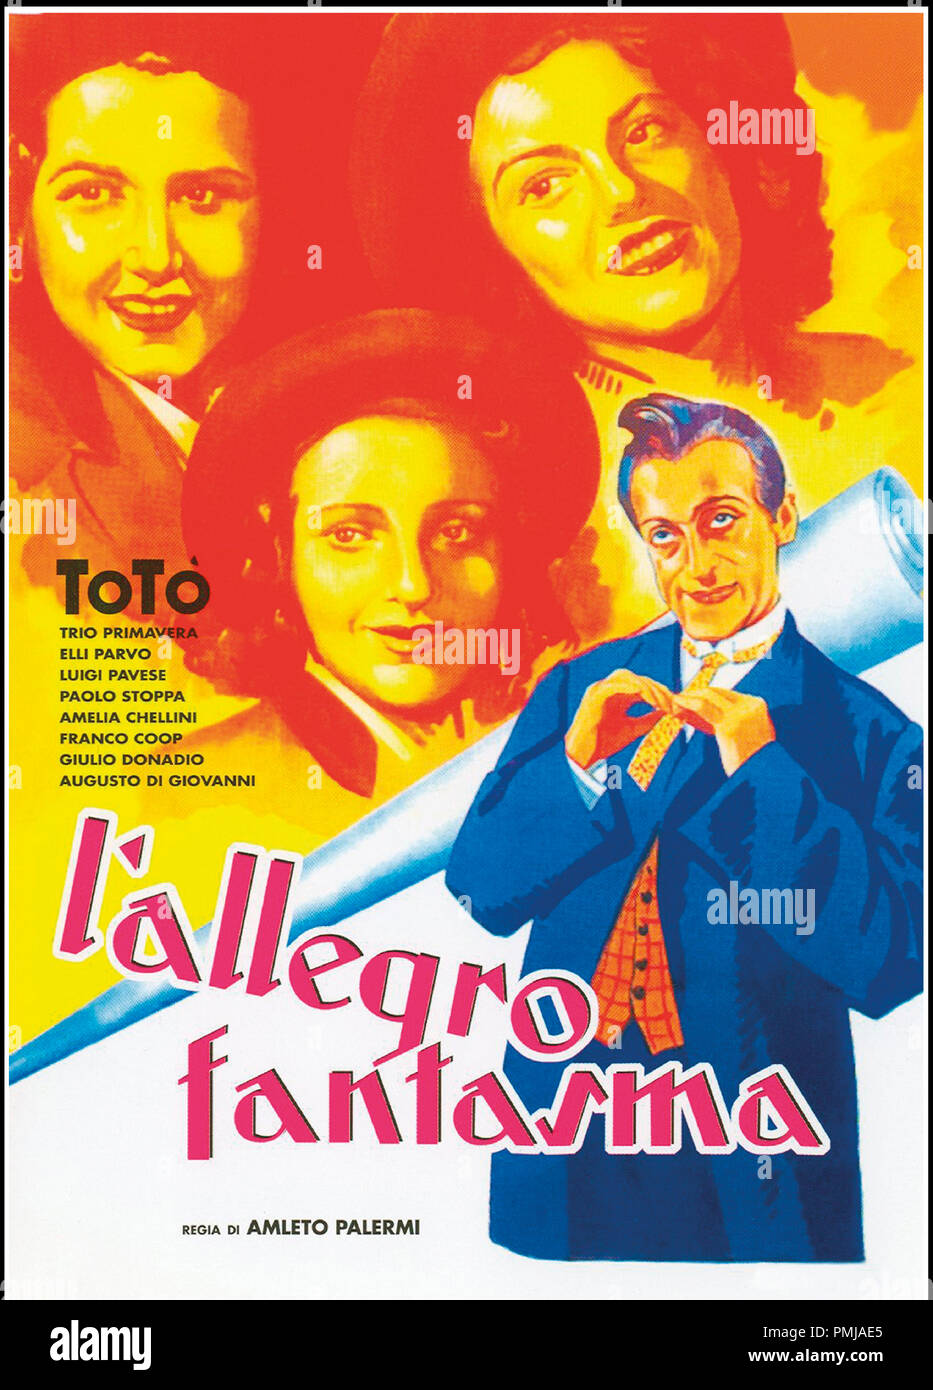 Prod DB © Fono Roma - Produzione Capitani Film / DR L'allegro fantasma de Amleto Palermi 1941 ITA. affiche italienne avec Toto Immagini Stock